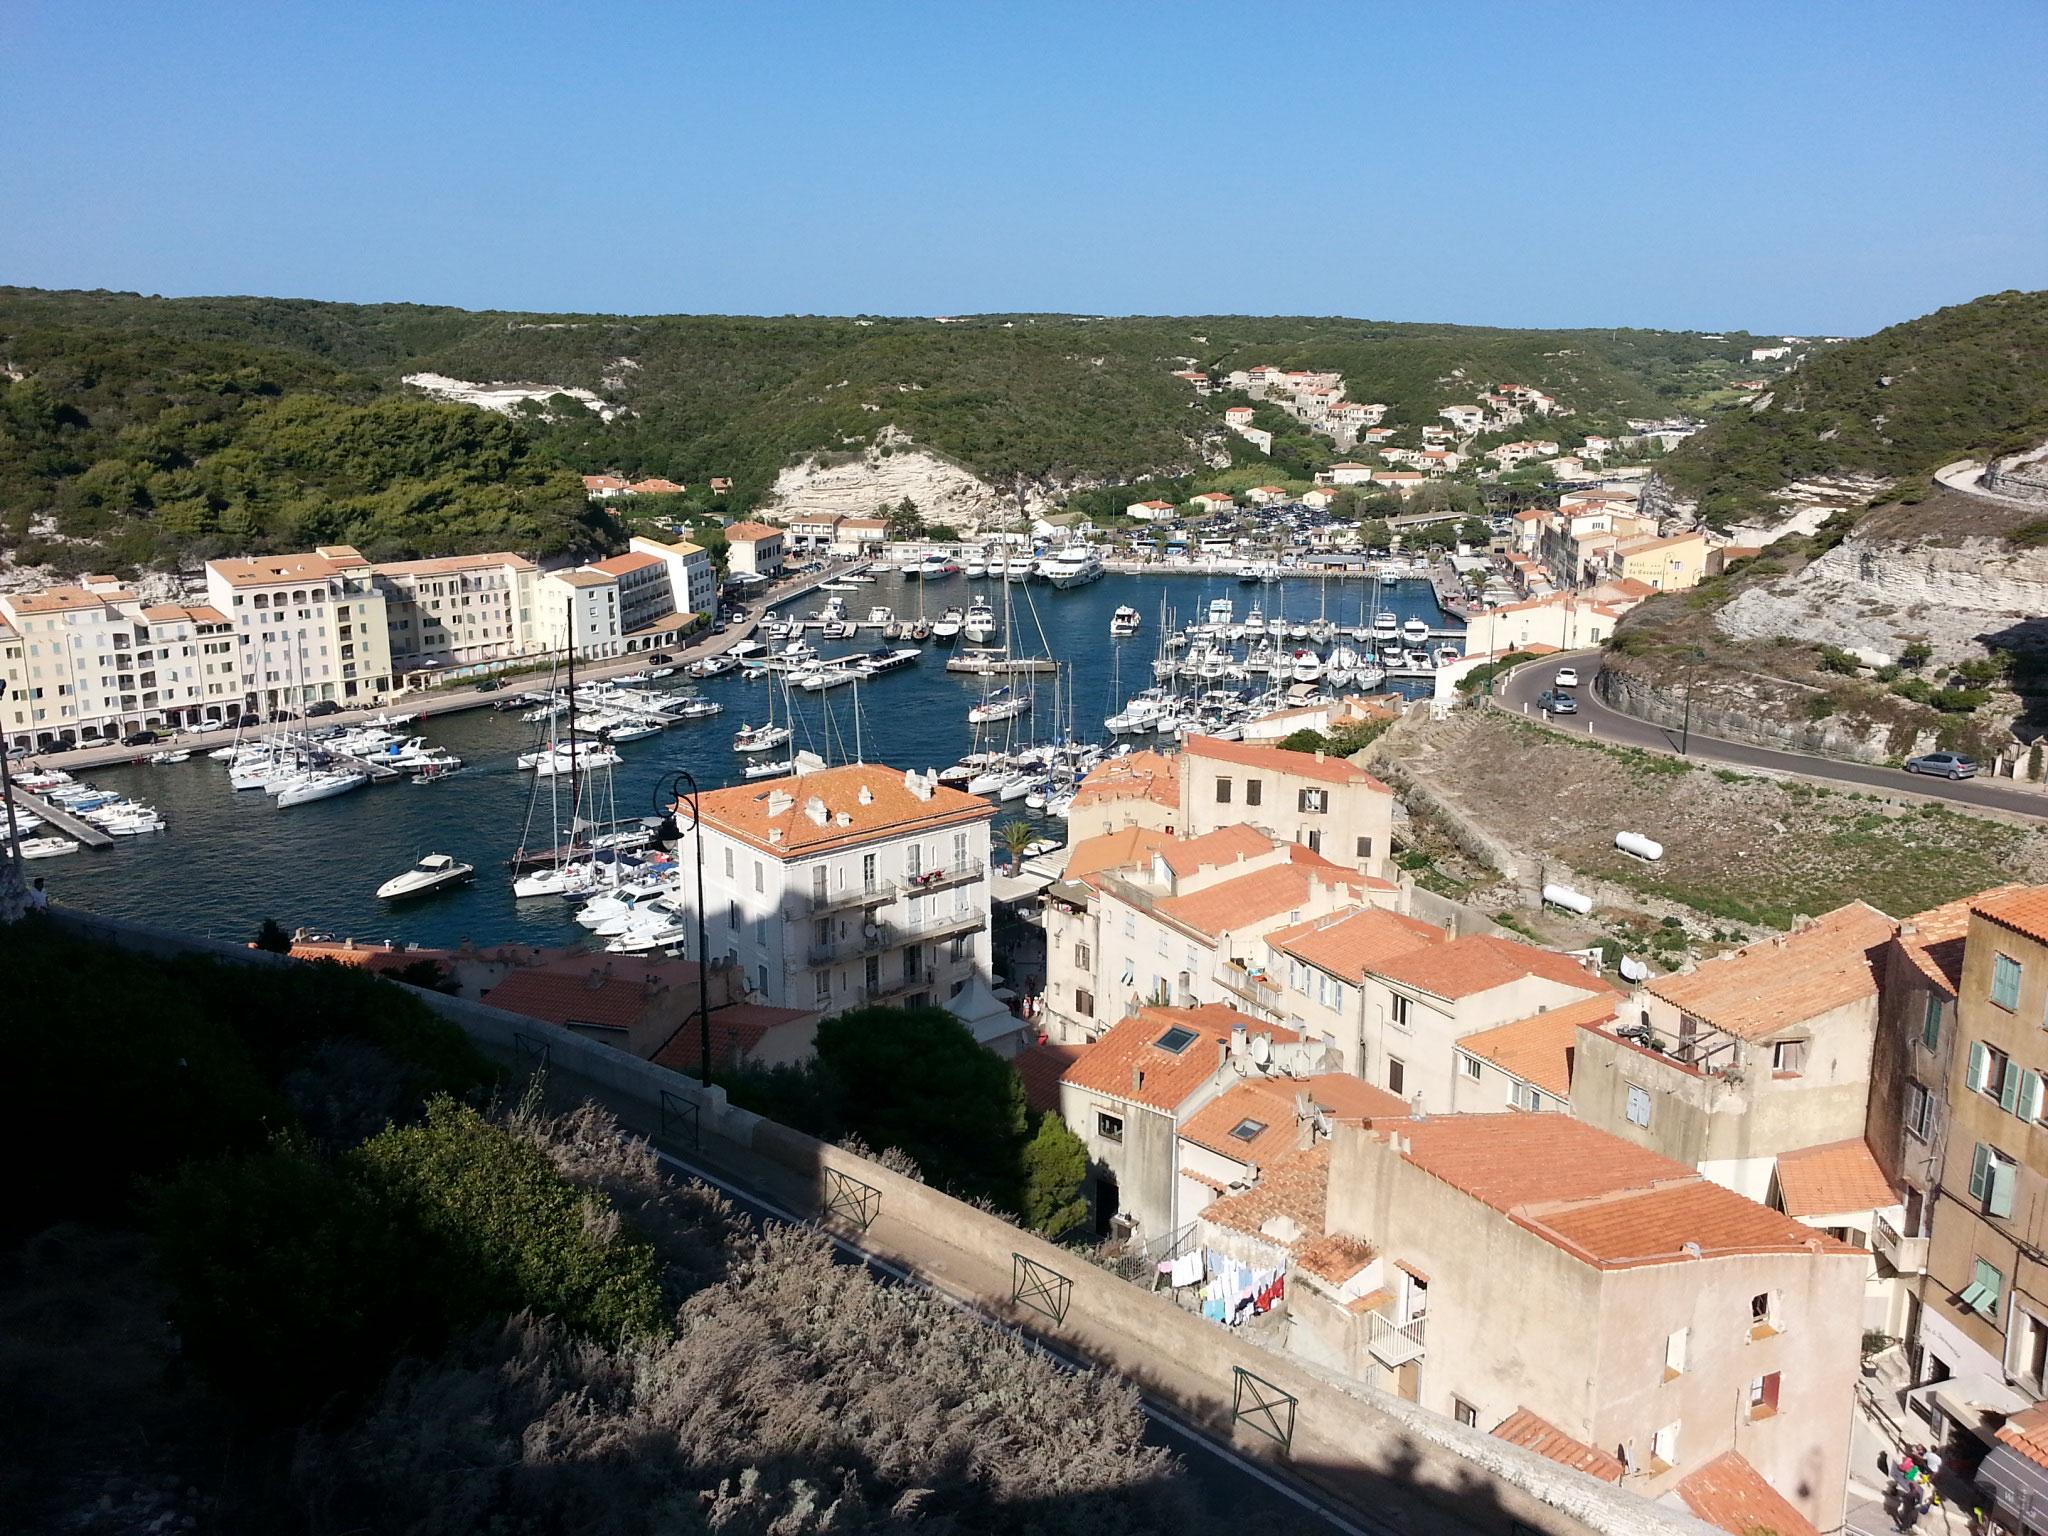 Vacanze a vela San Bonifacio